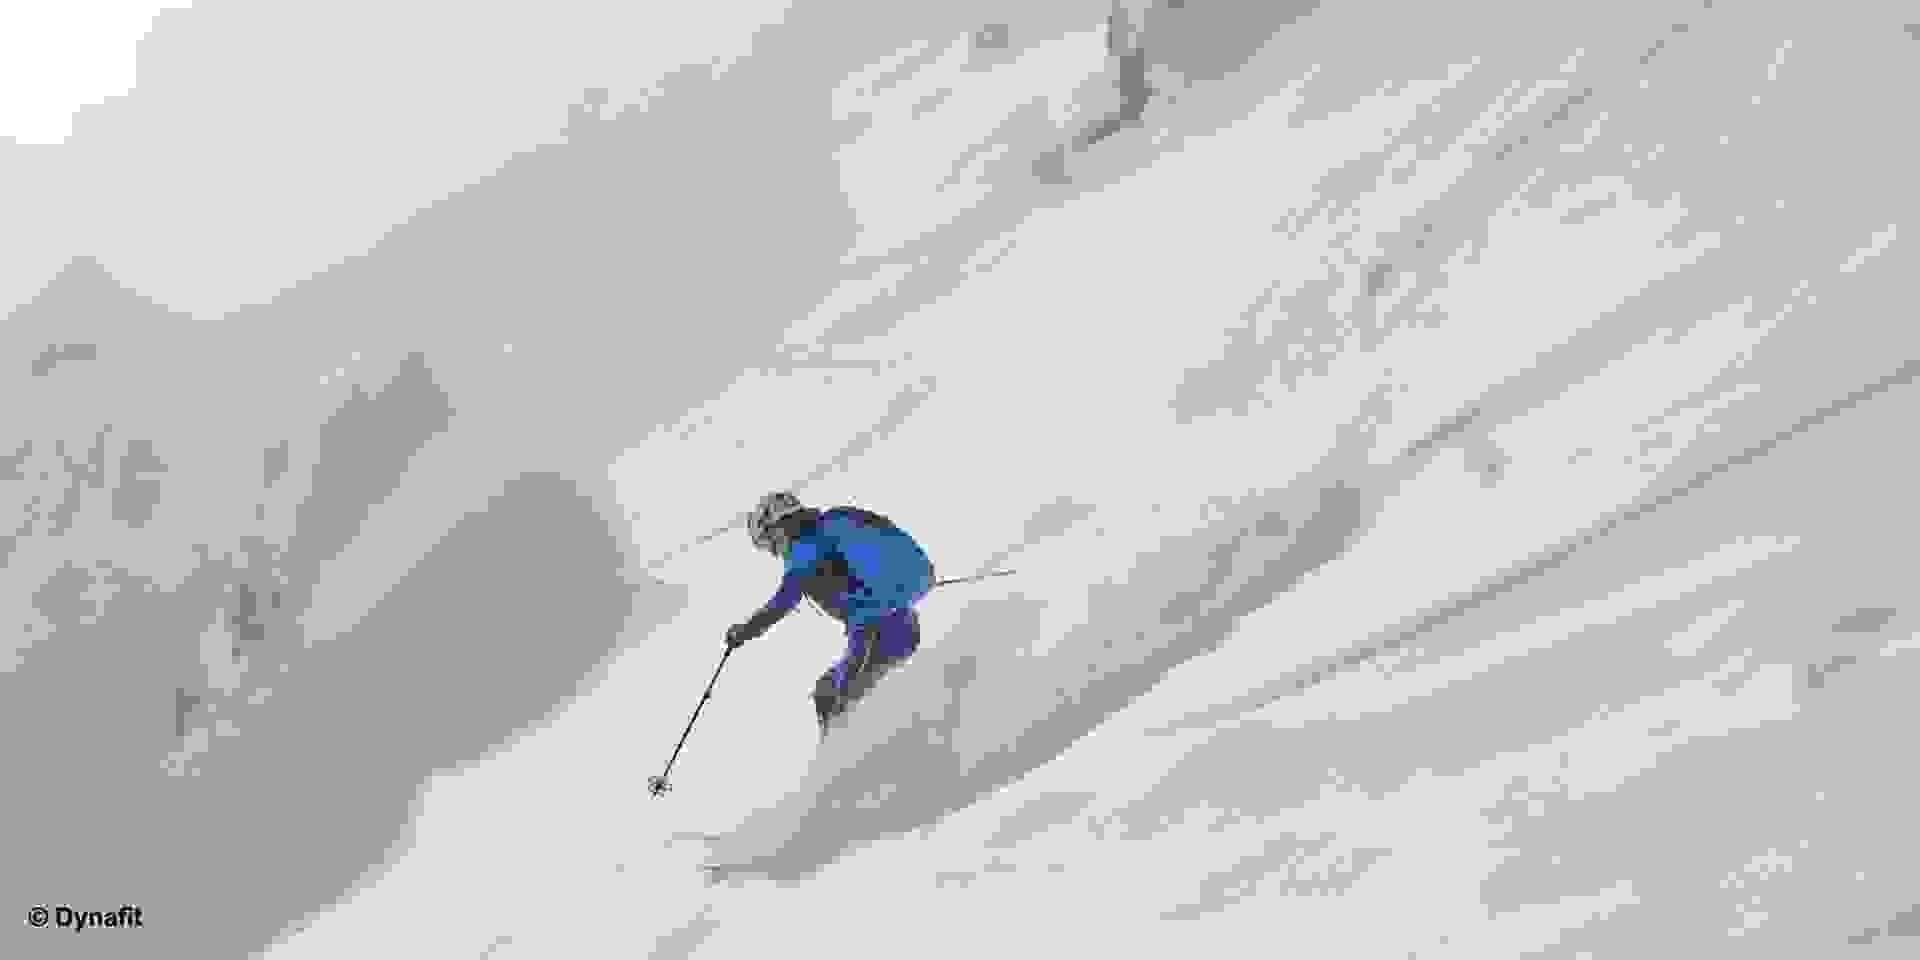 Ein Skitourengeher fährt einen Hang mit frischem Tiefschnee hinab.